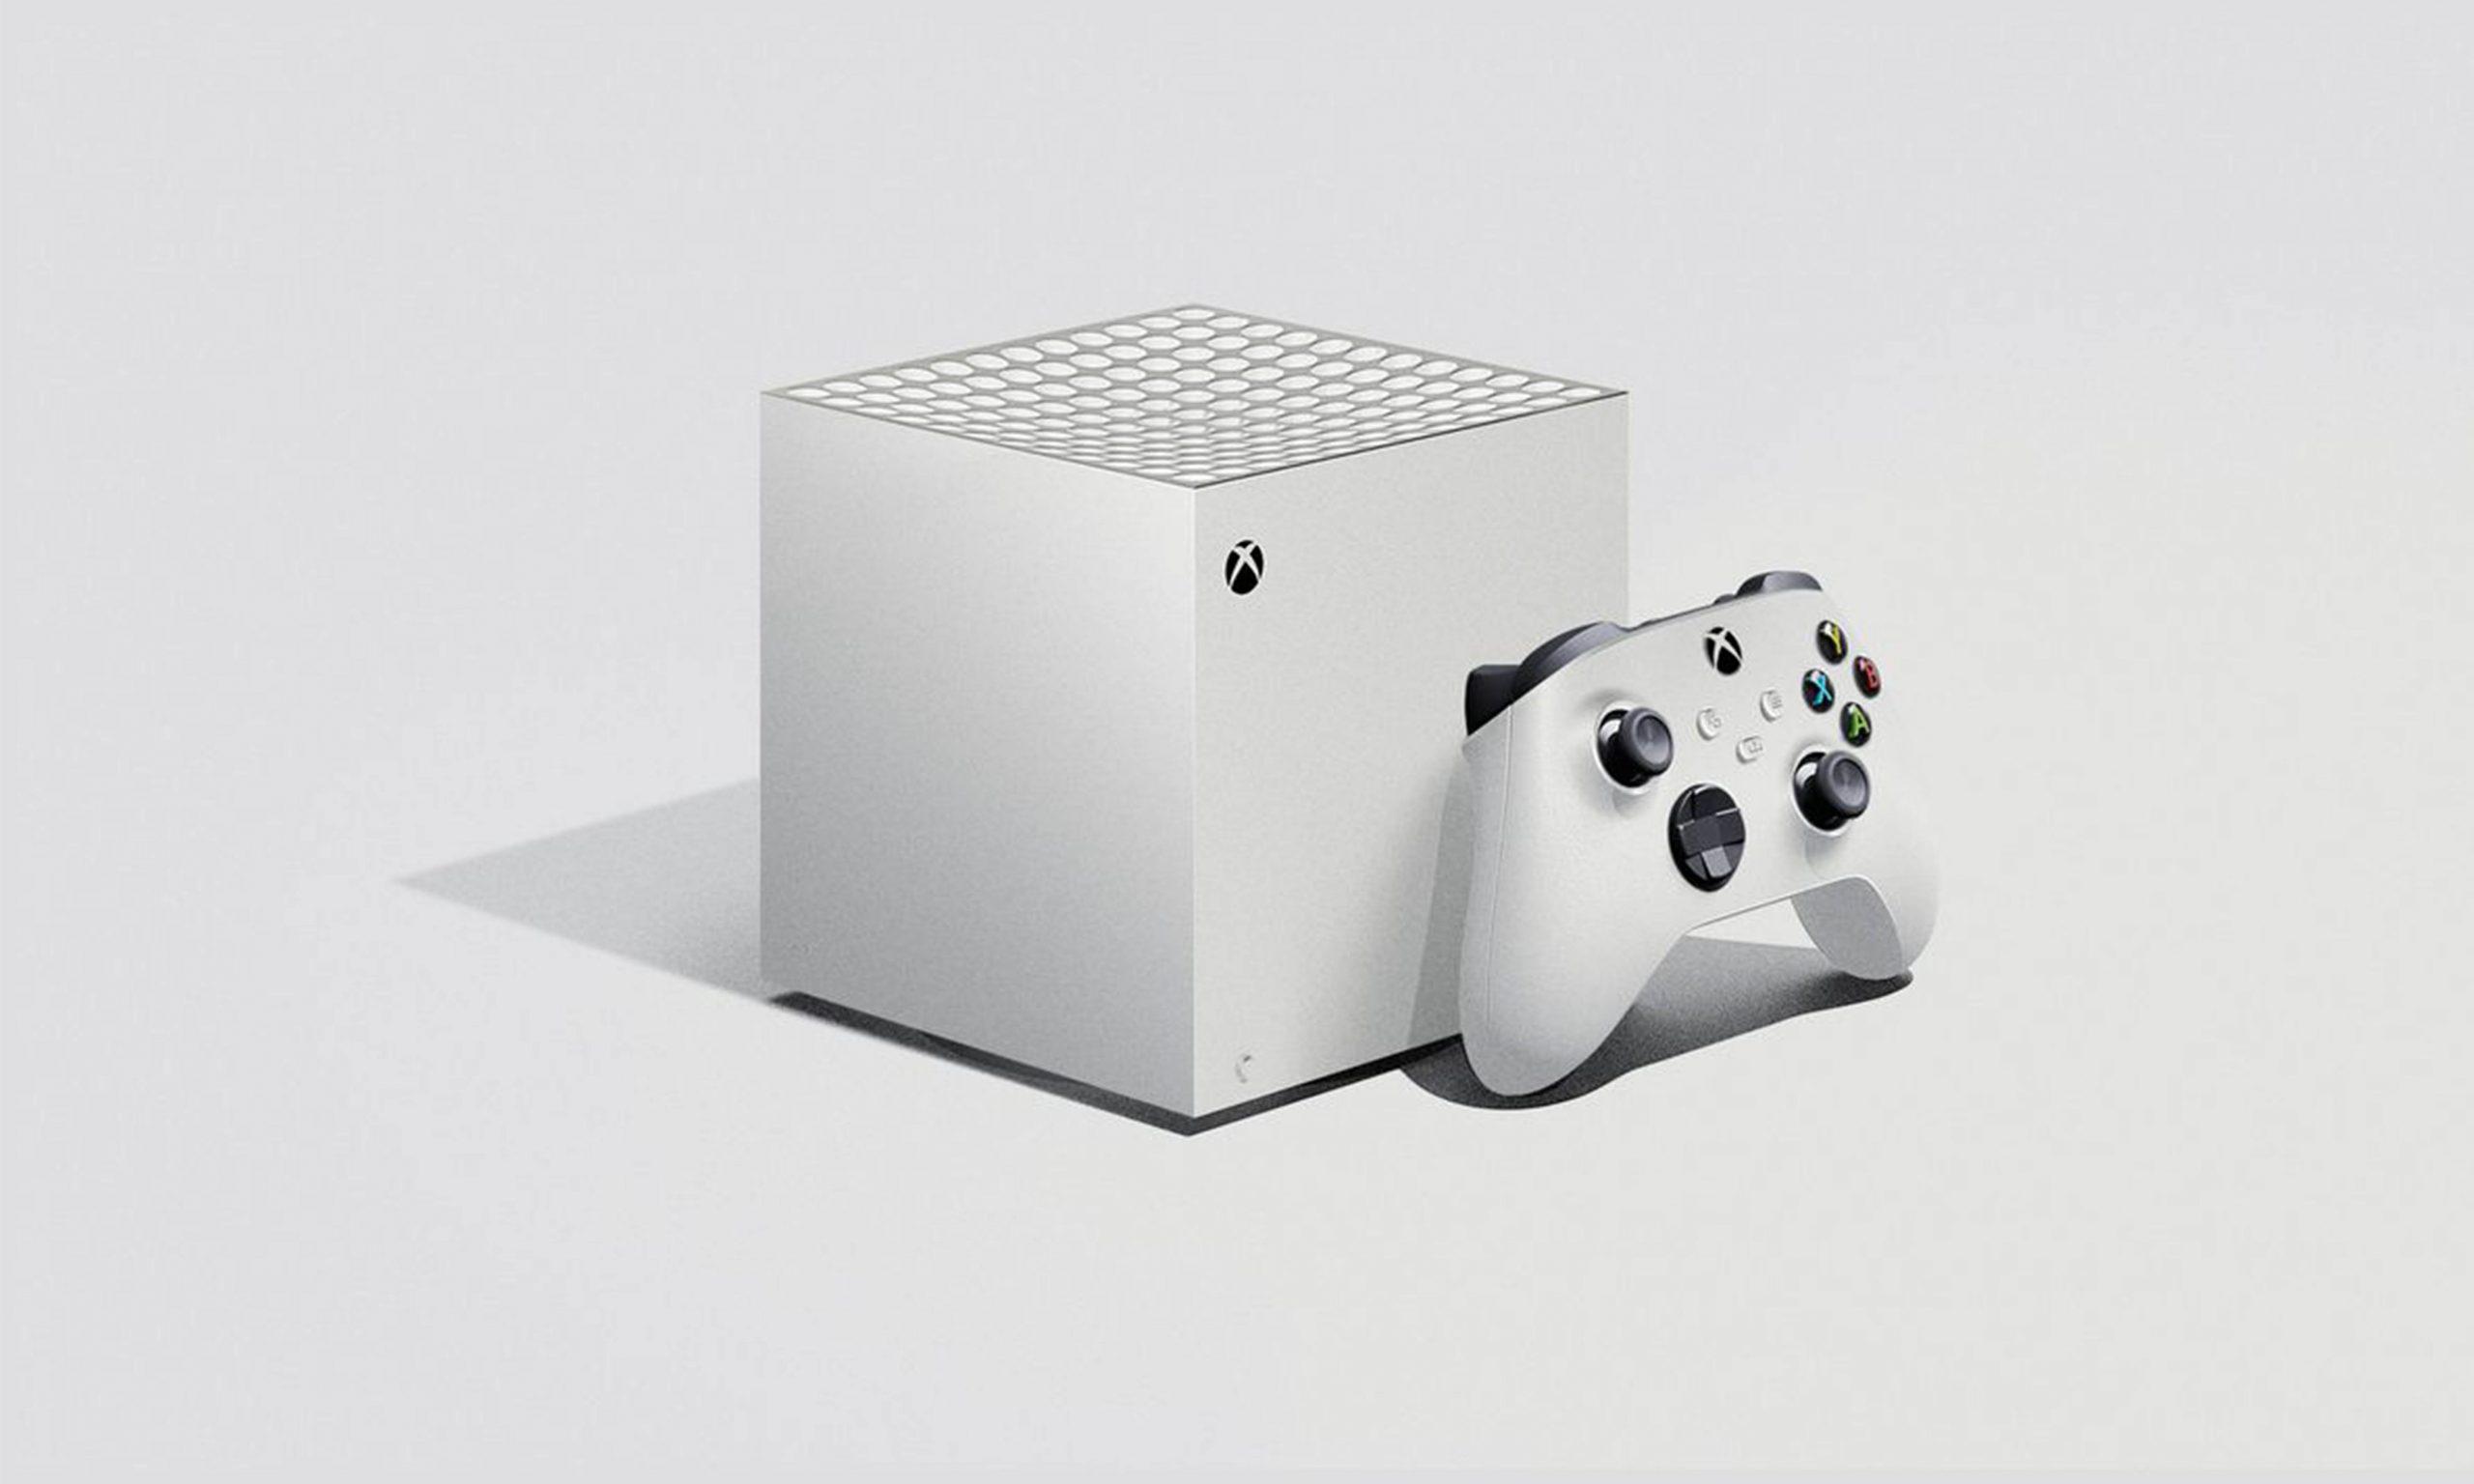 微软或将在 8 月发布次世代 Xbox 低配版